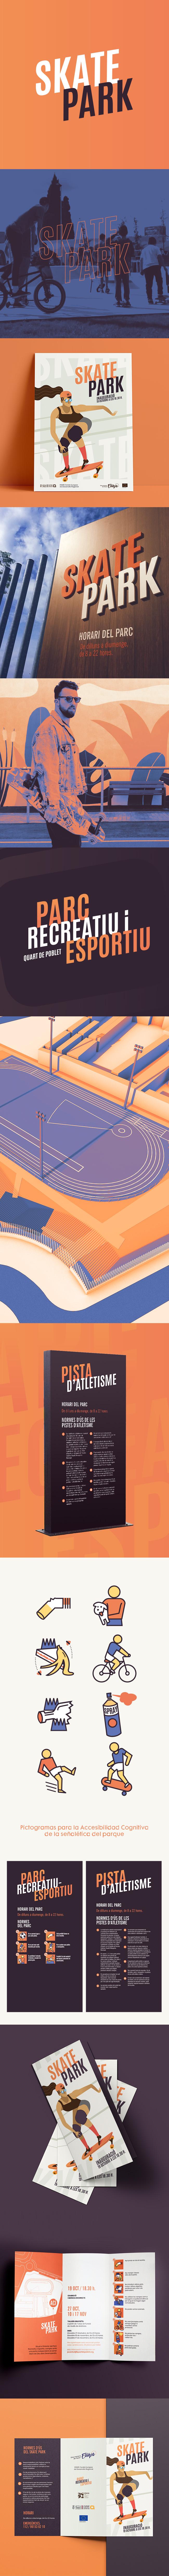 Proyecto de branding, diseño gráfico e ilustración del SkatePark de Quart de Poblet